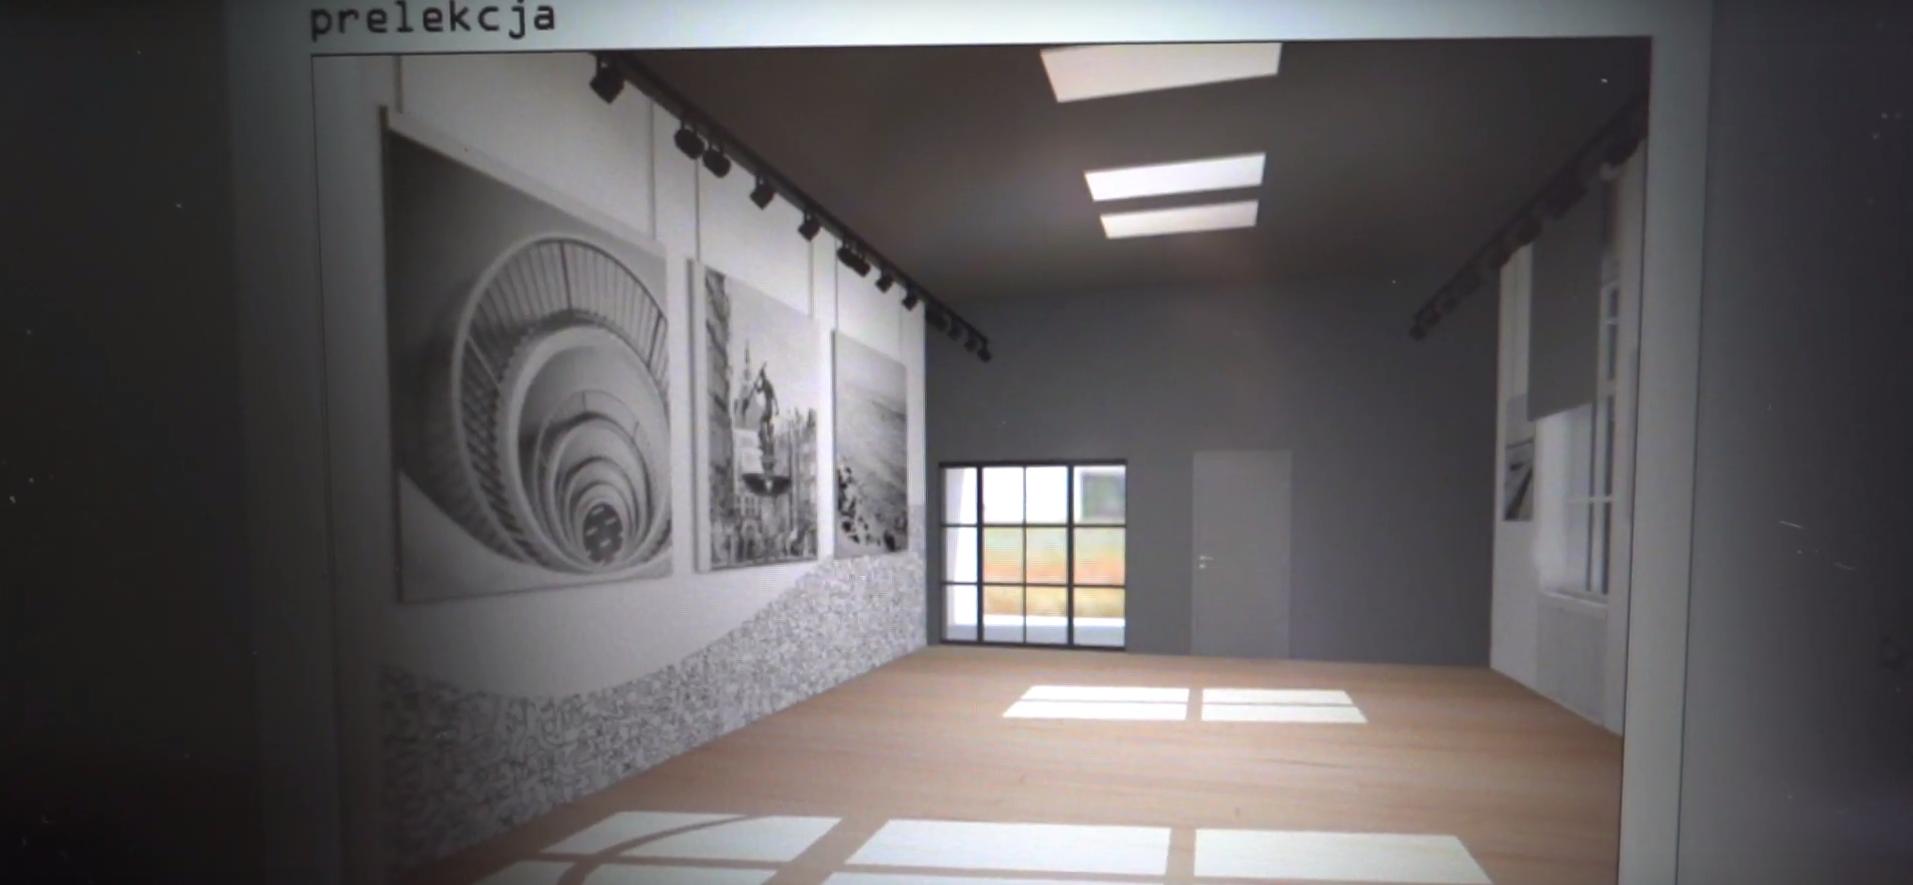 wizualizacja centrum wystawowego